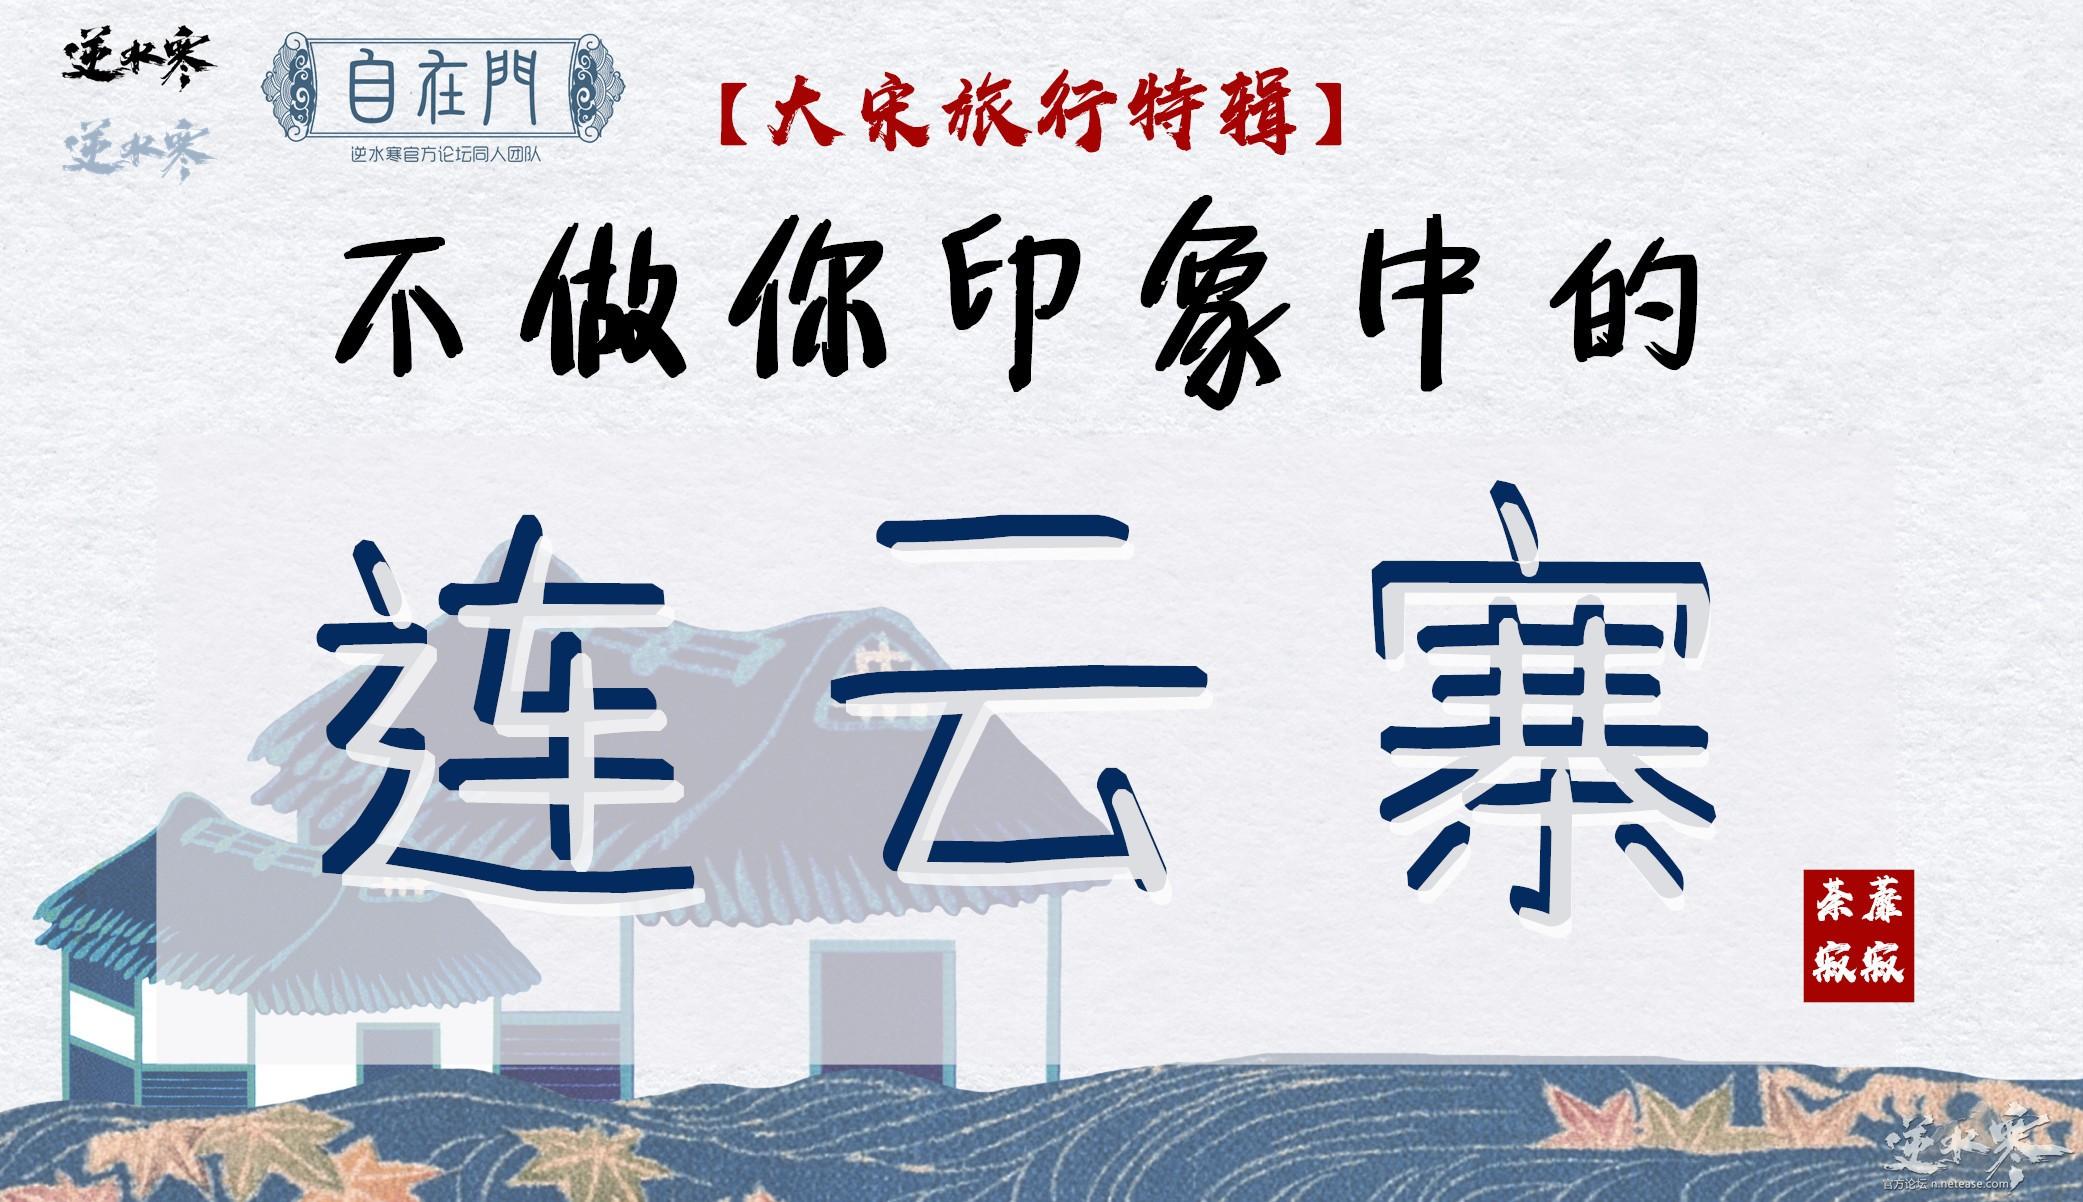 【大宋旅行特辑】今天在连云寨红名了吗(附带斗地主直播)【自在门】